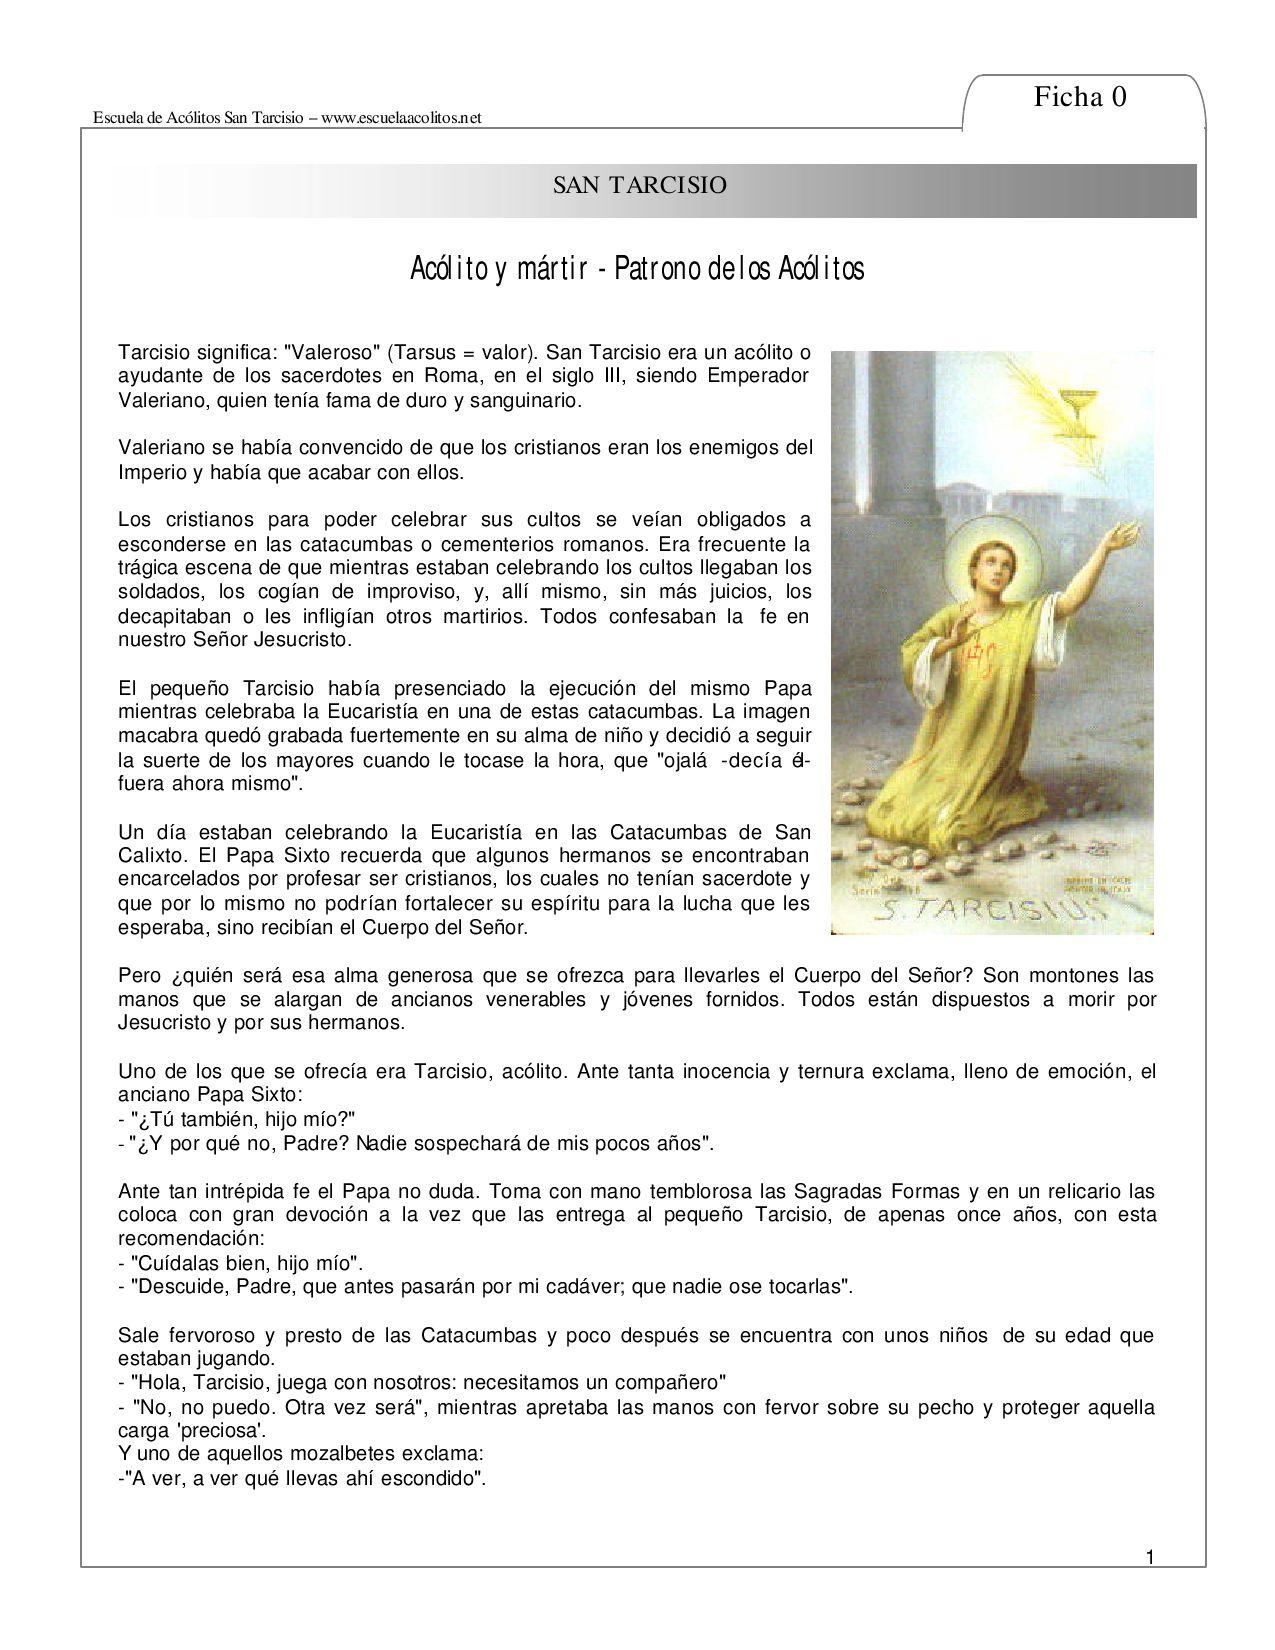 9623058225f48 Manual de Acólitos by Parroquia Fátima - issuu